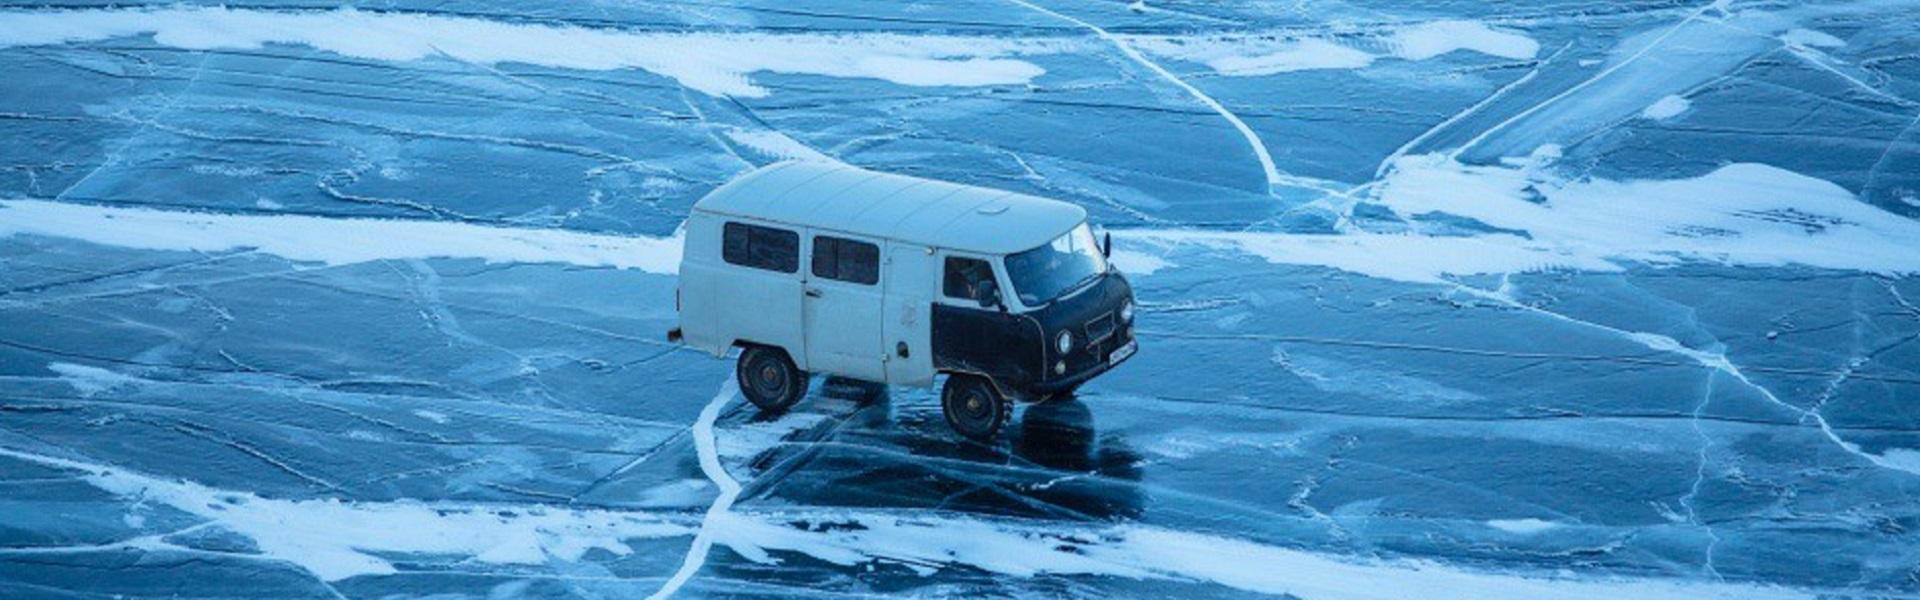 Туризму на Байкале грозит кризис